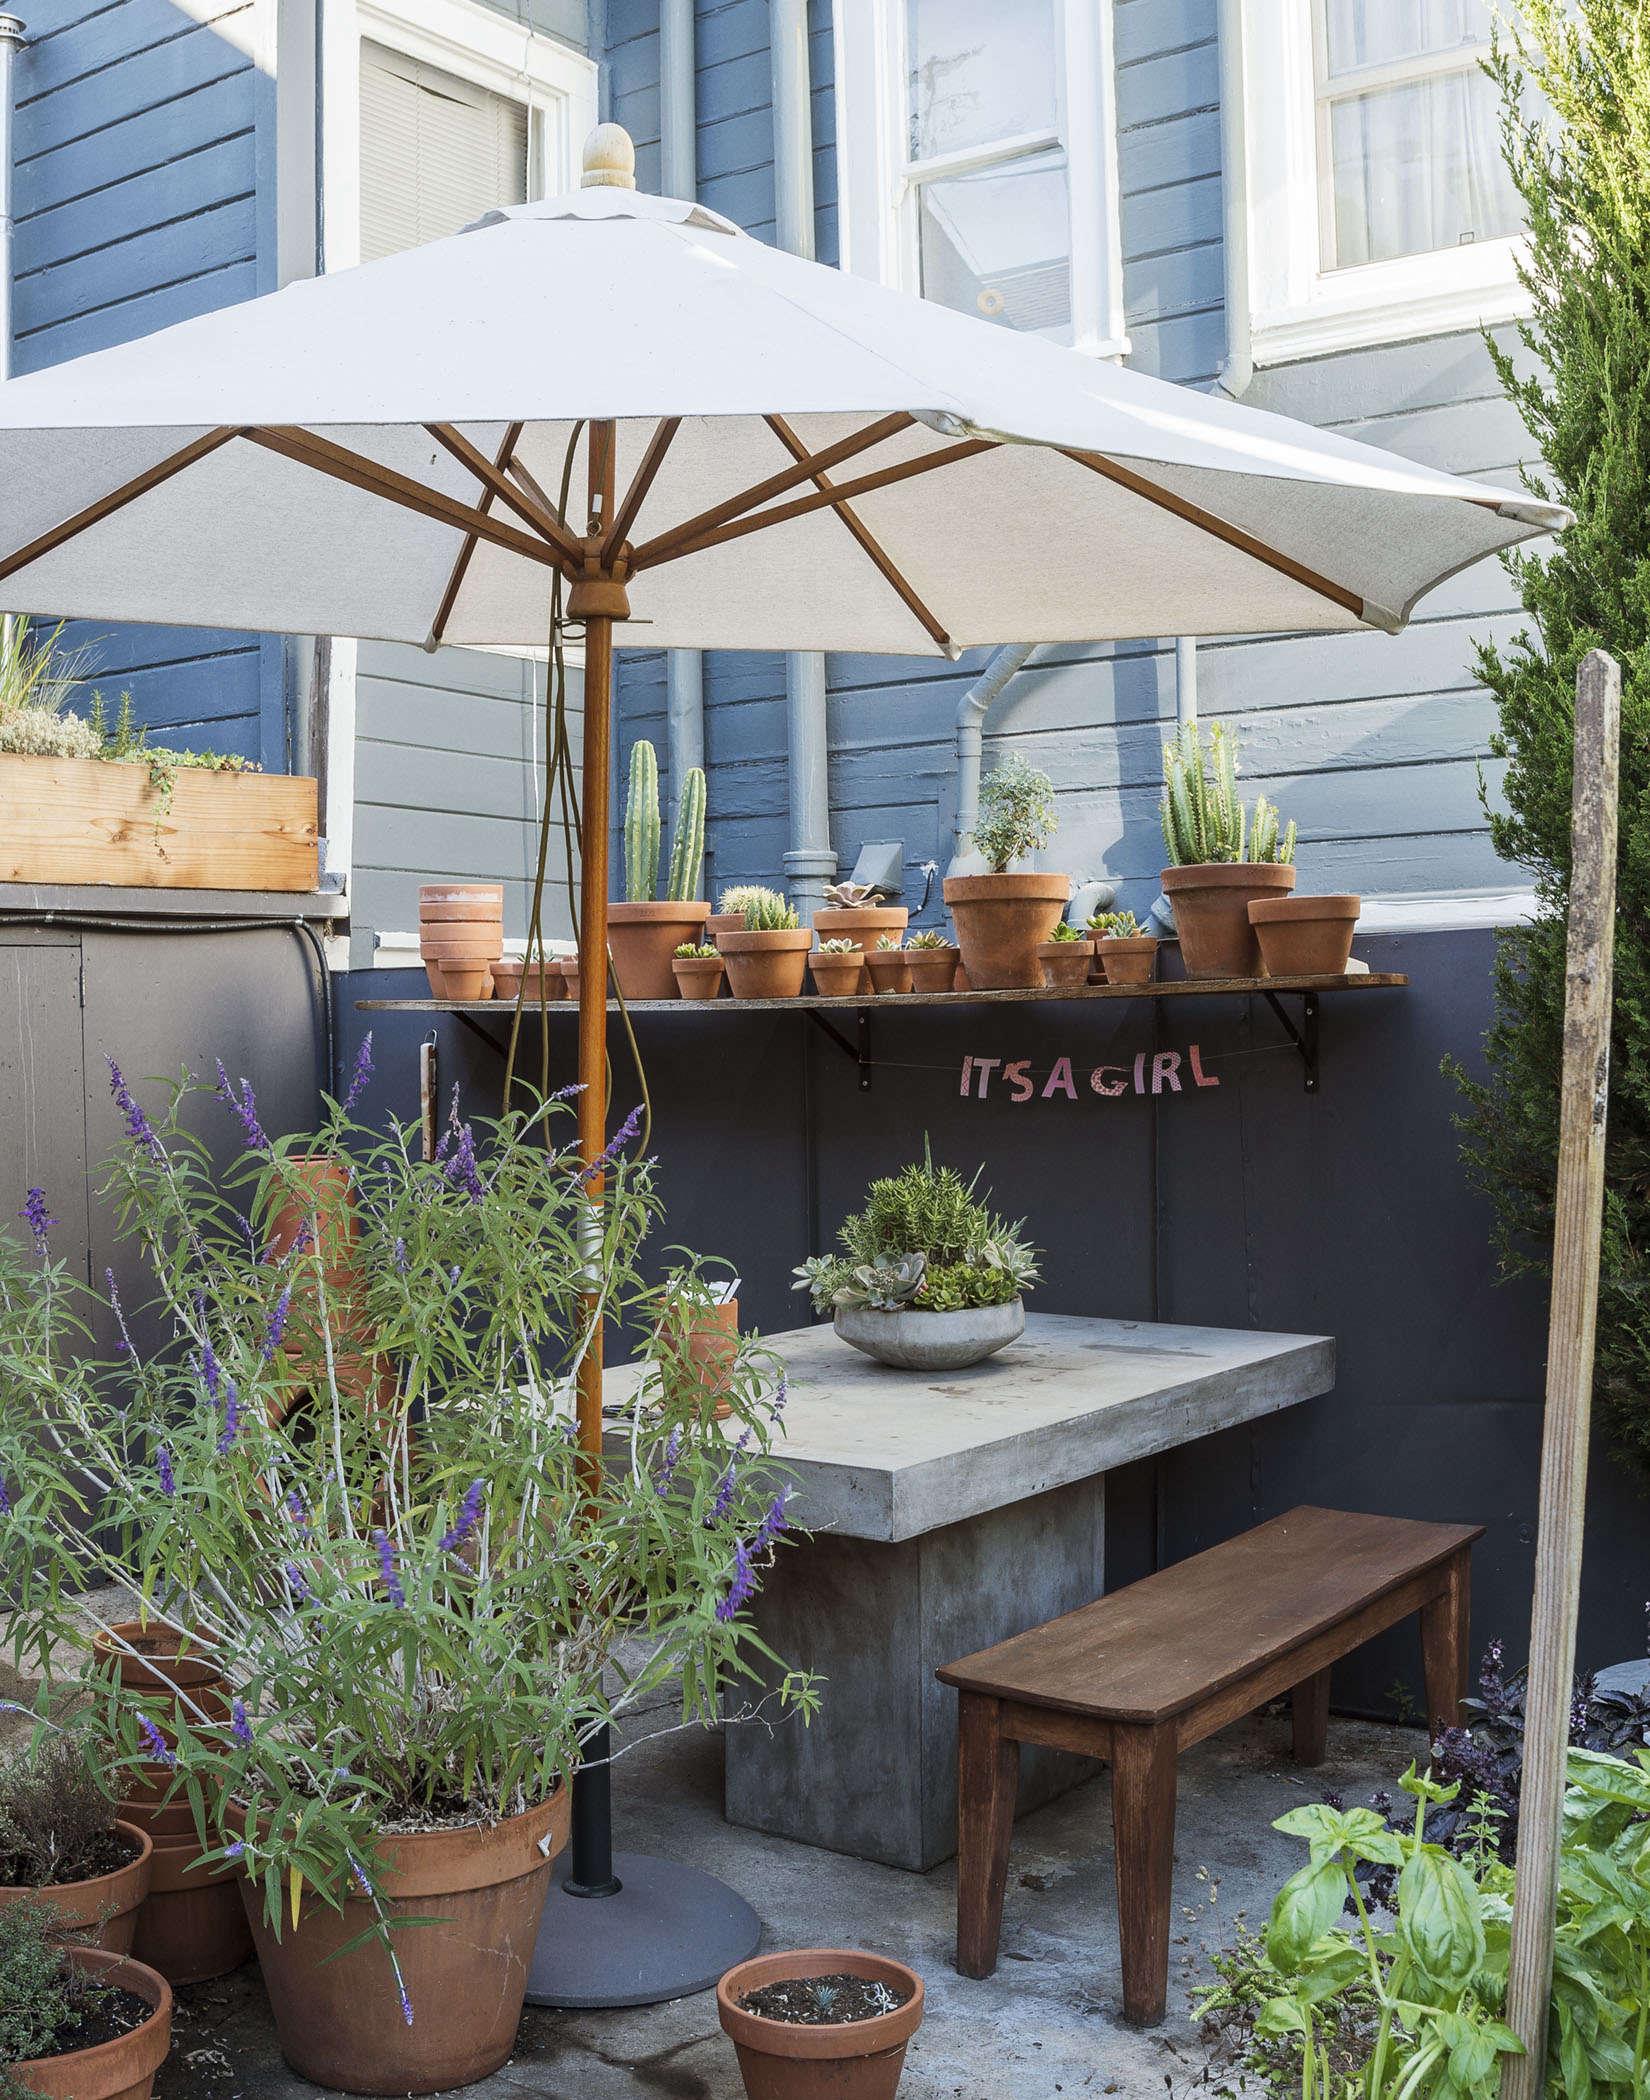 klein-garden-mission-san-francisco-gardenista-dining-table-umbrella